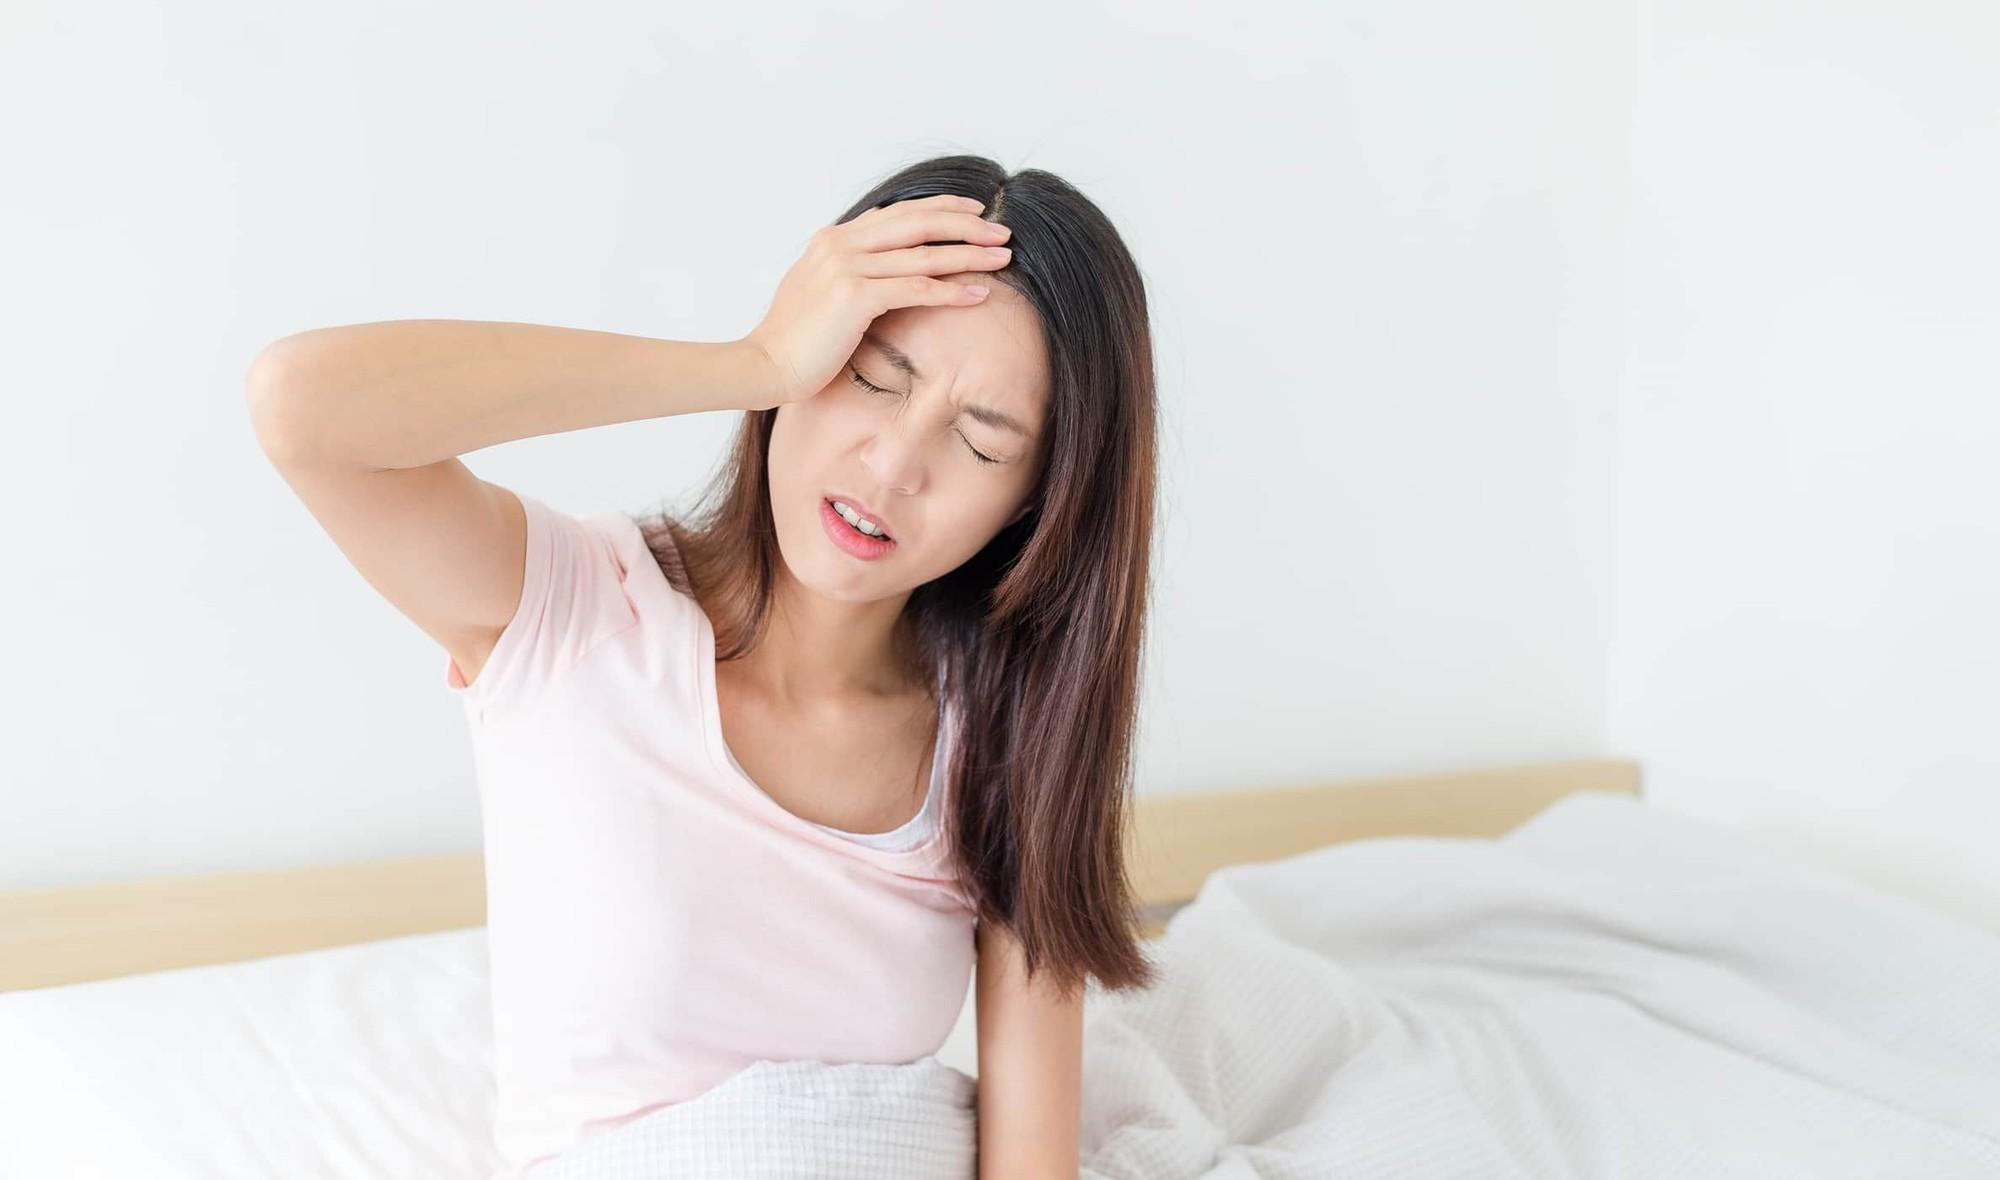 Cứ chủ quan với tình trạng mất ngủ kéo dài coi chừng gặp phải hàng loạt tác hại sau - Ảnh 2.